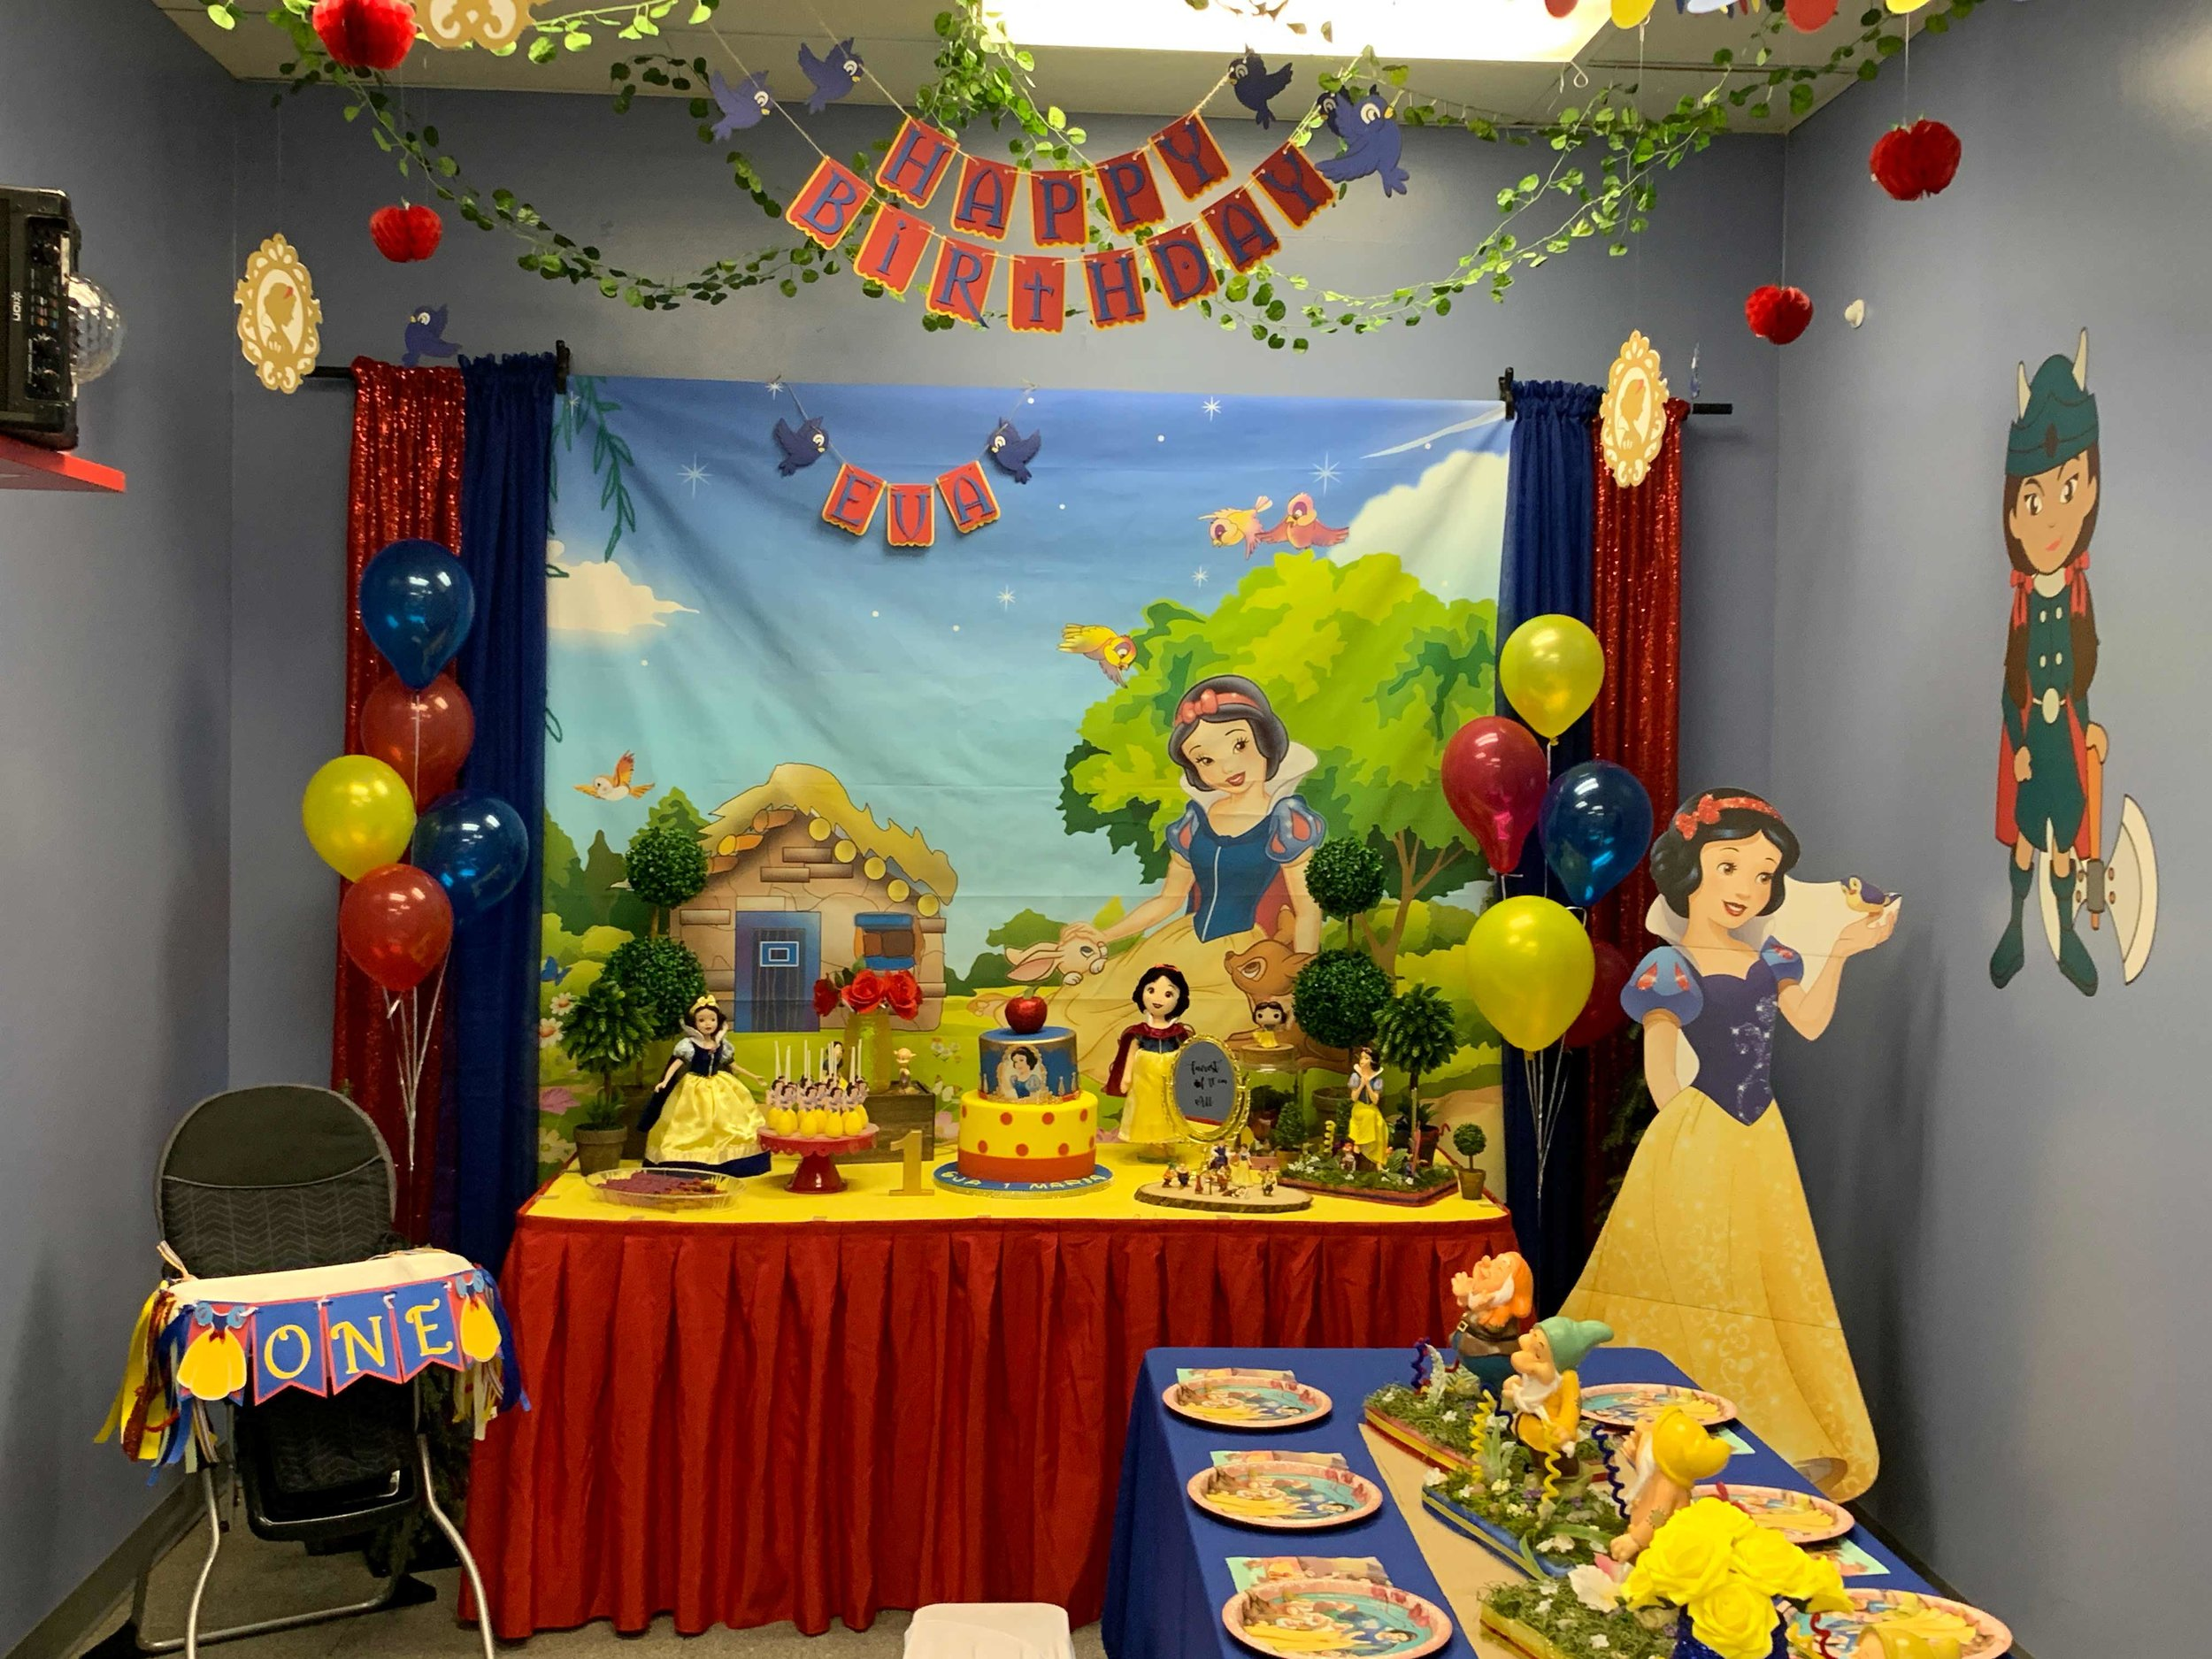 snow-white-toddler-birthday-party-orlando.jpg